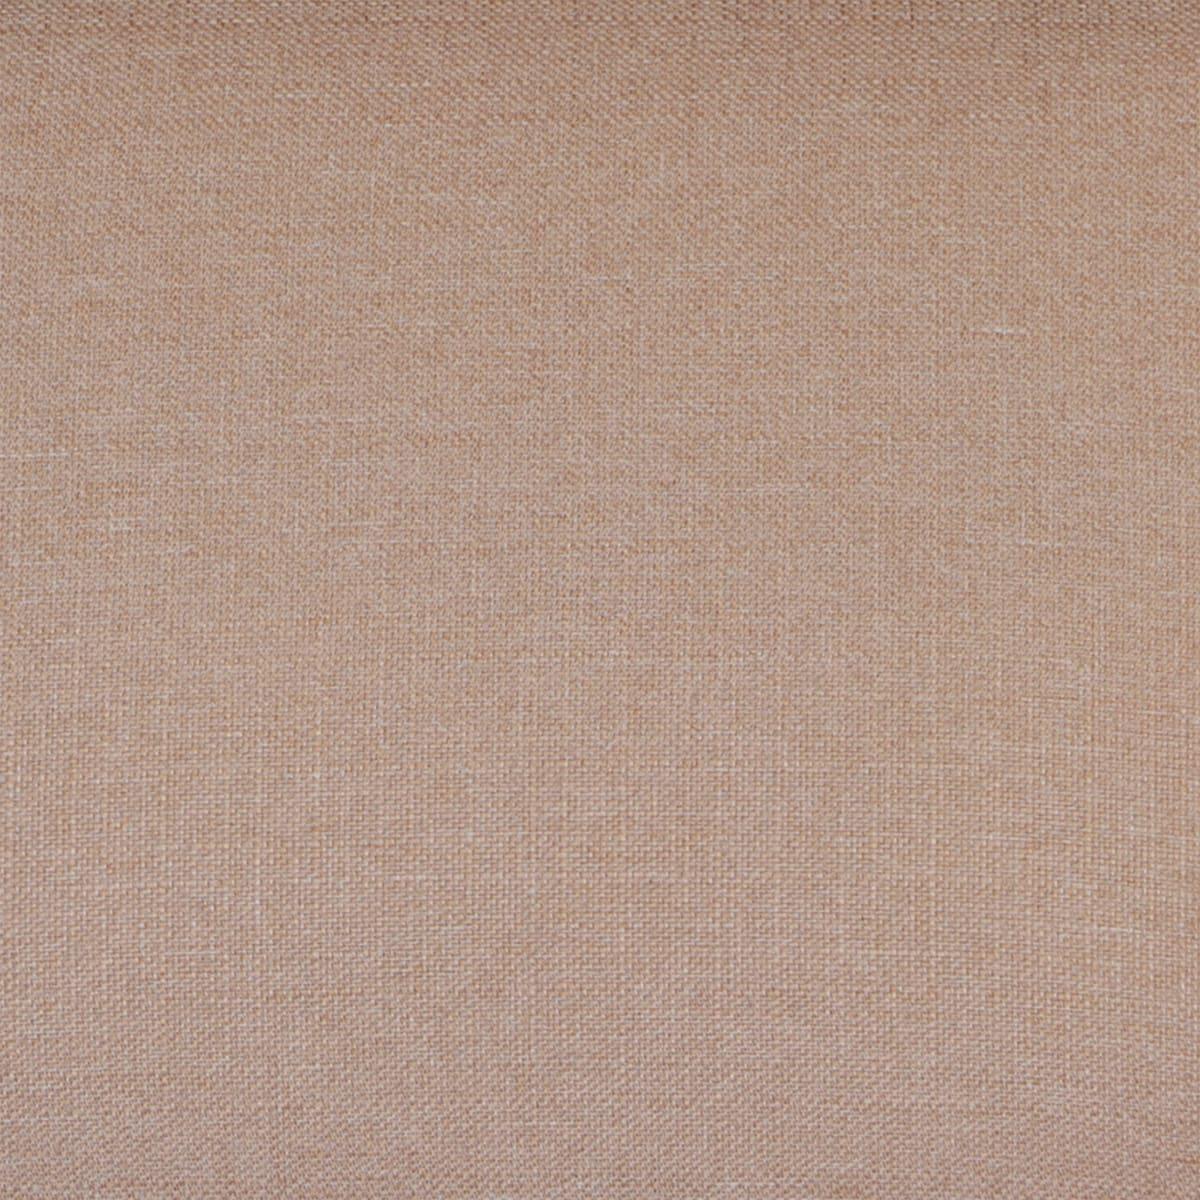 フレキシブルビーズクッション 洗濯できるカバー付き (ウ)グリーン